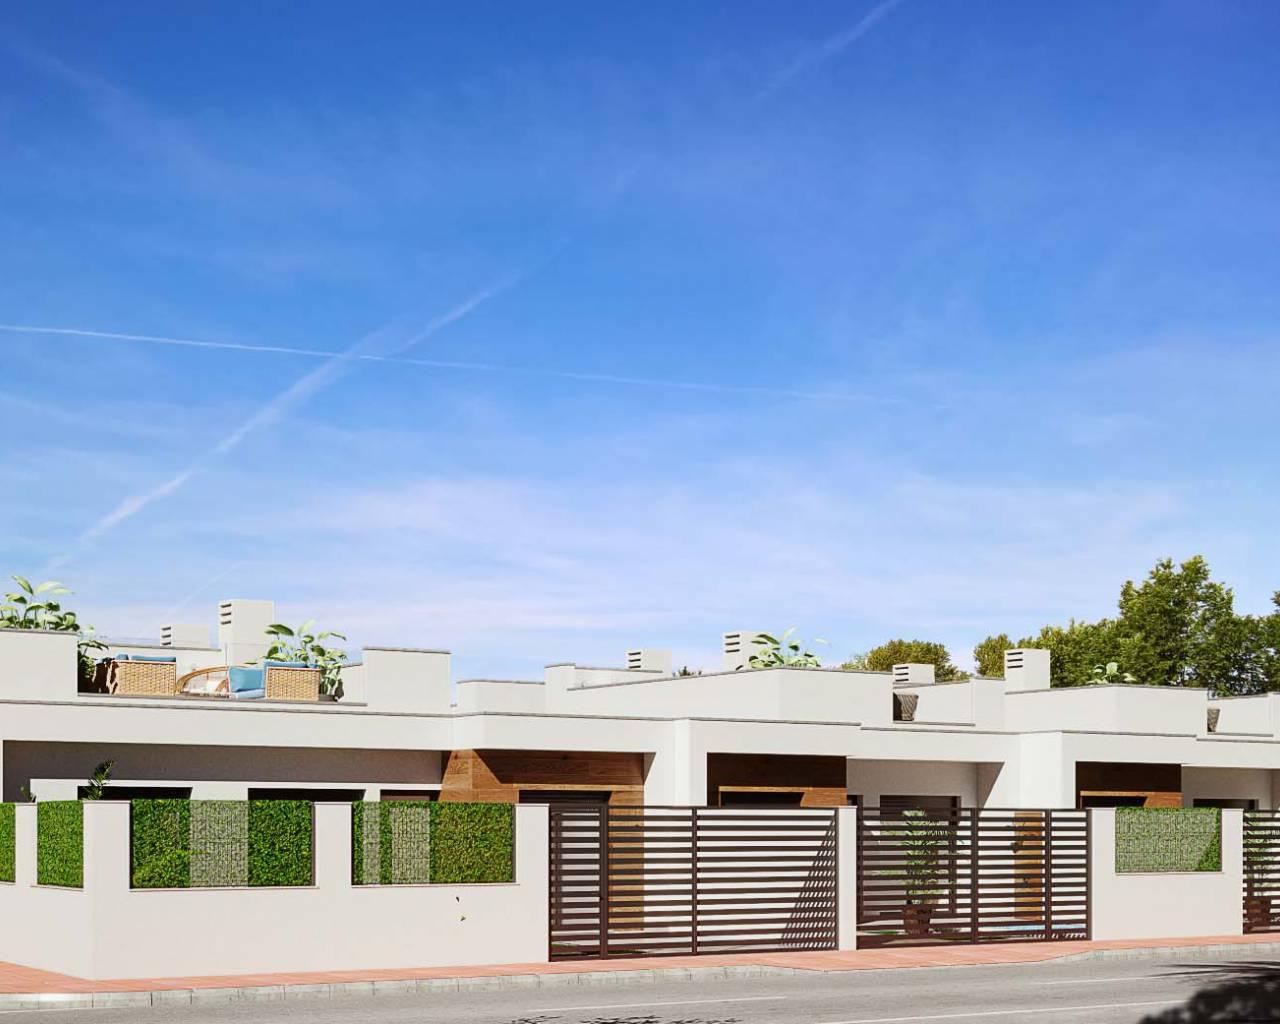 nieuwbouw-geschakelde-woning-duplex-torre-pacheco-dolores_5559_xl